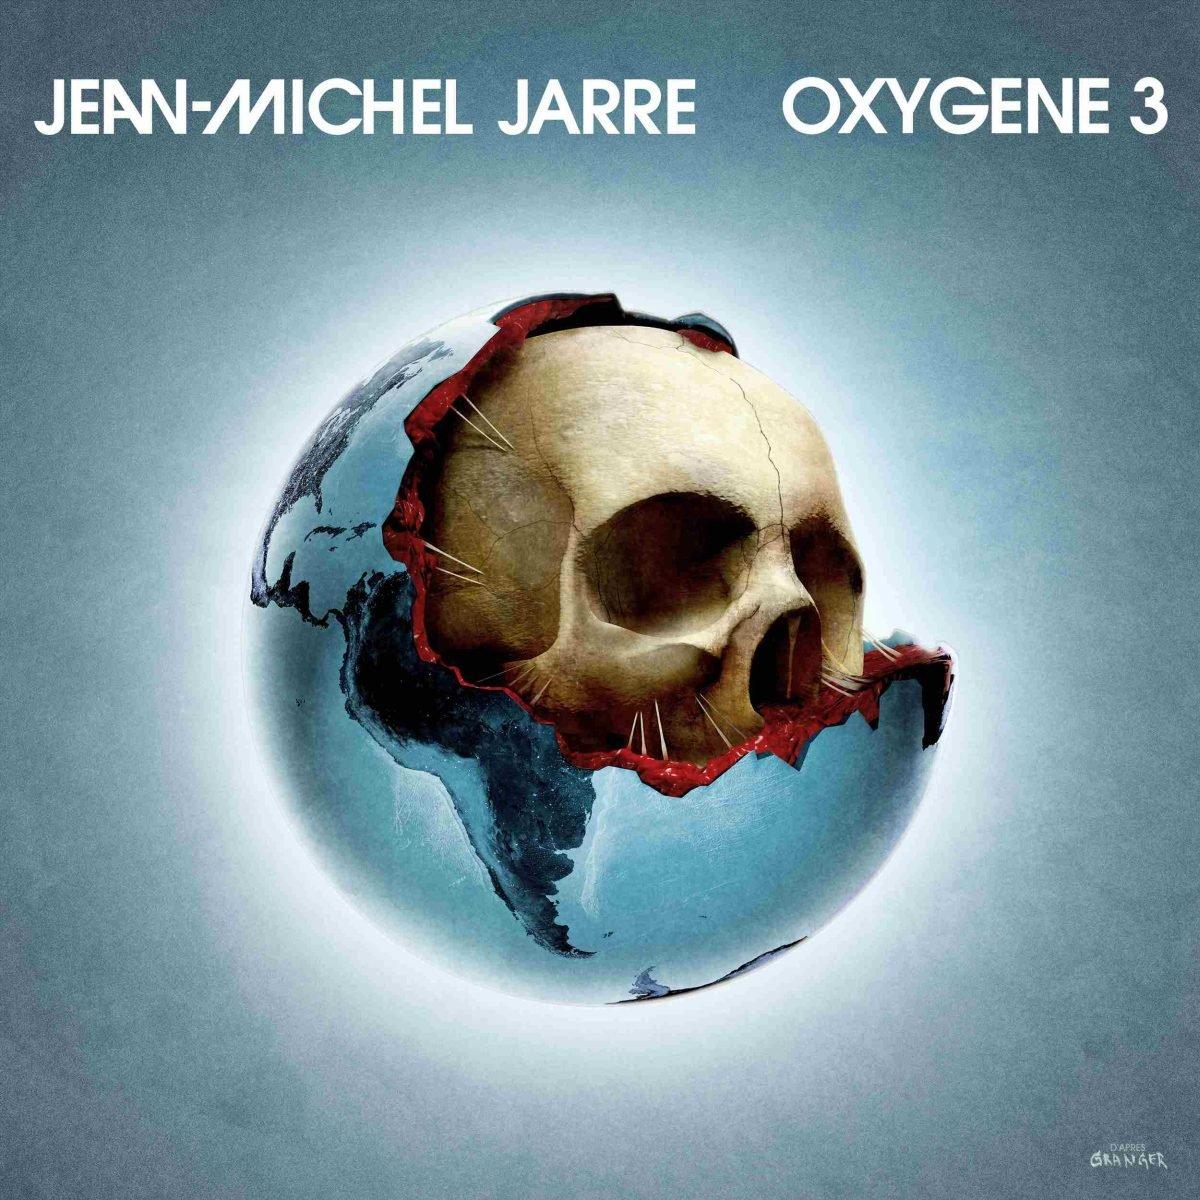 Jarre Jean Michel – Oxygene 3